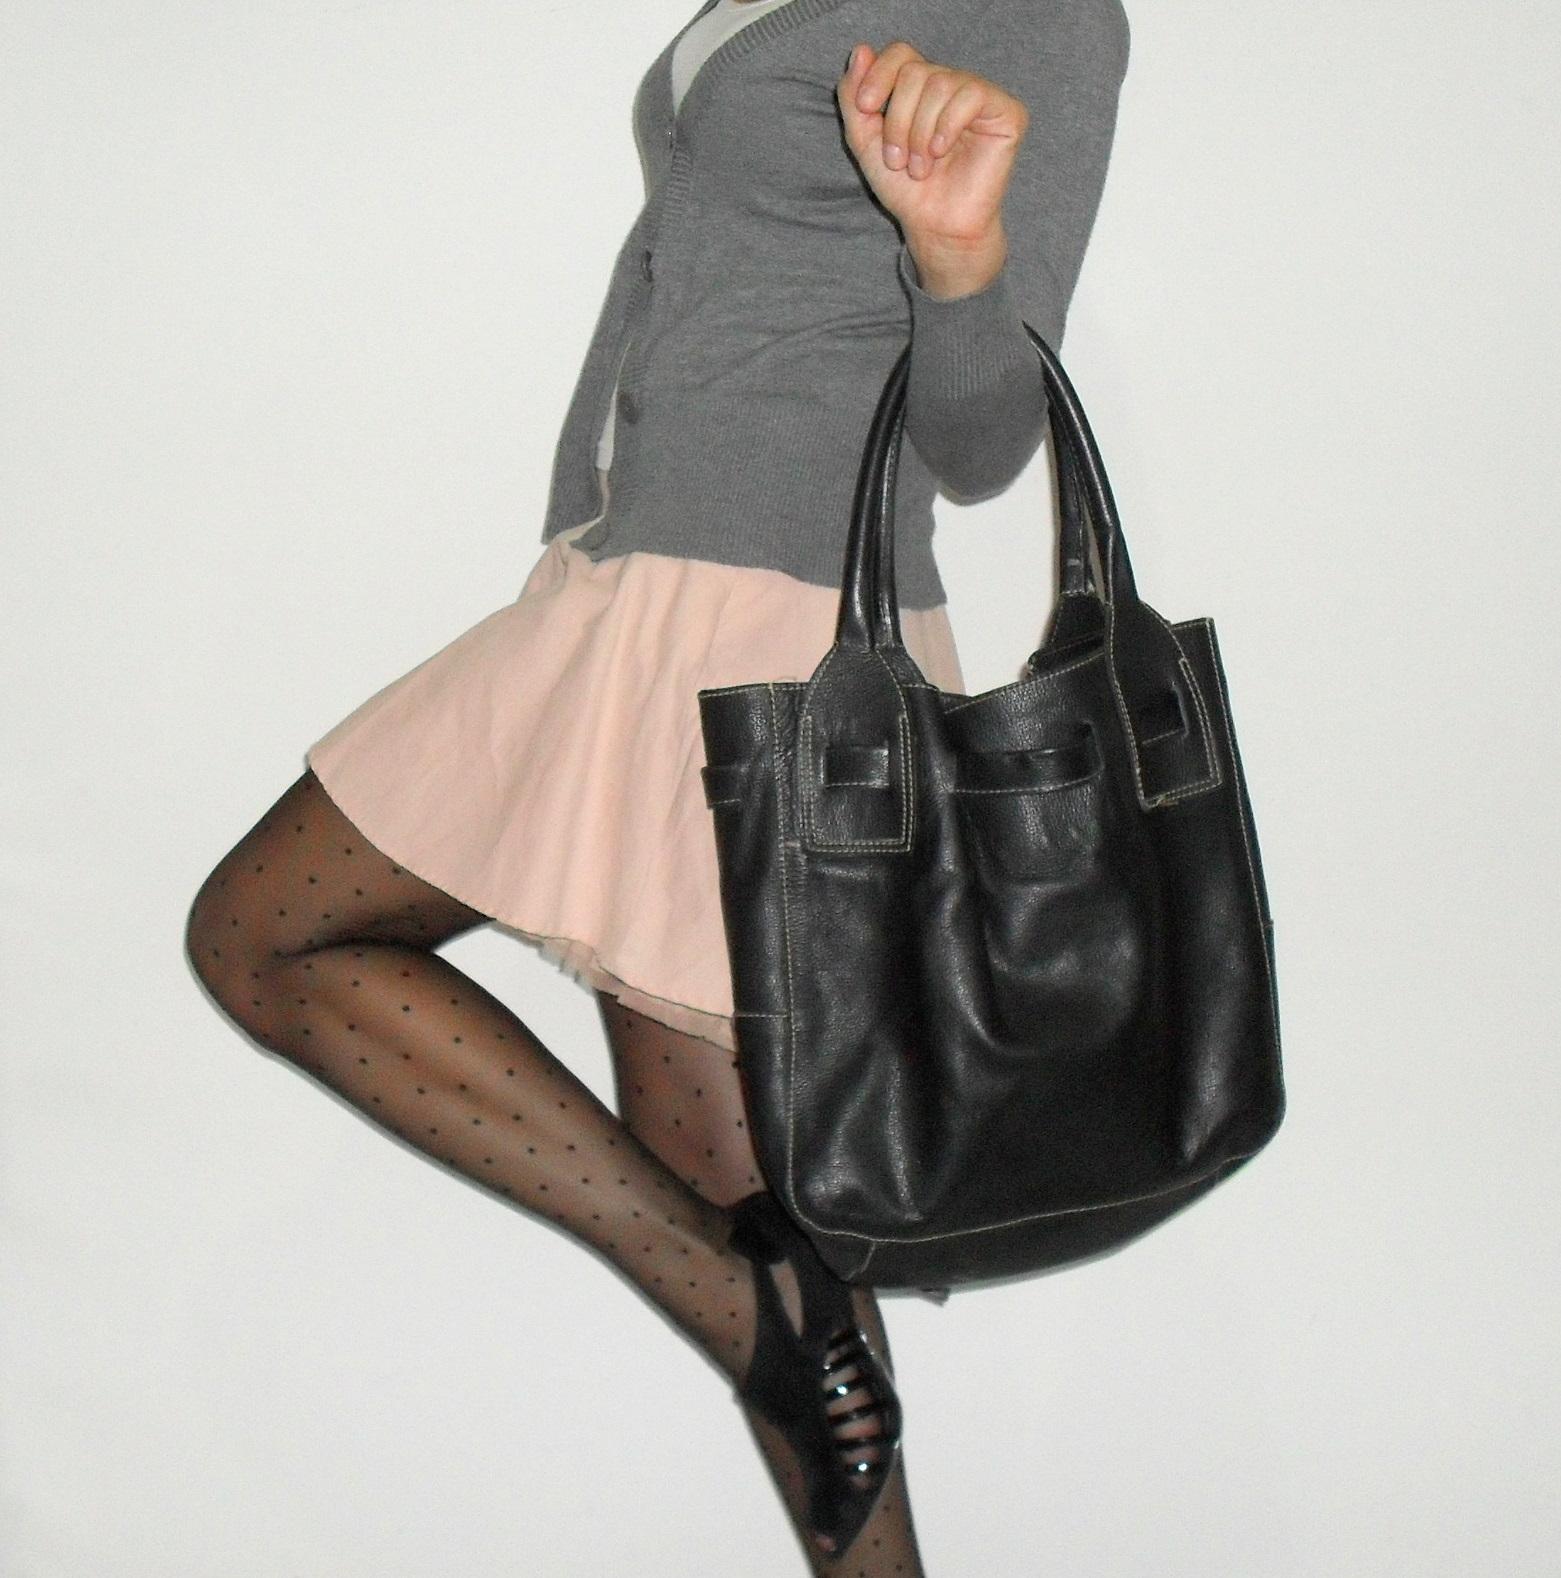 Bolsa De Couro Usada : Vendida desapegando bolsa de couro preta dani garlet